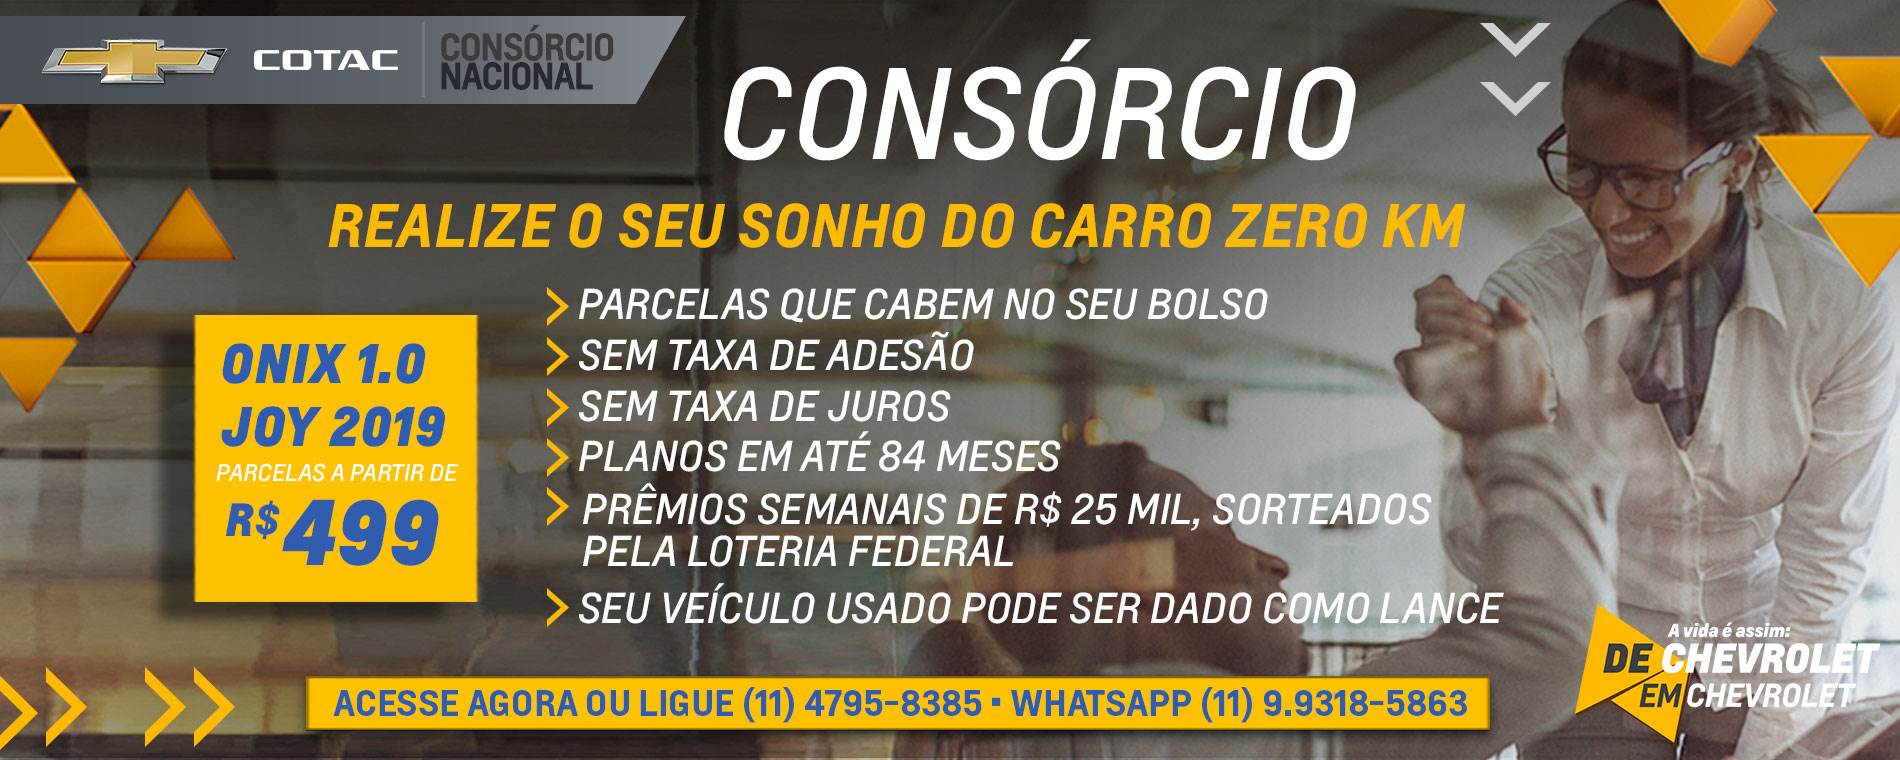 banner_consorcio_1900x760